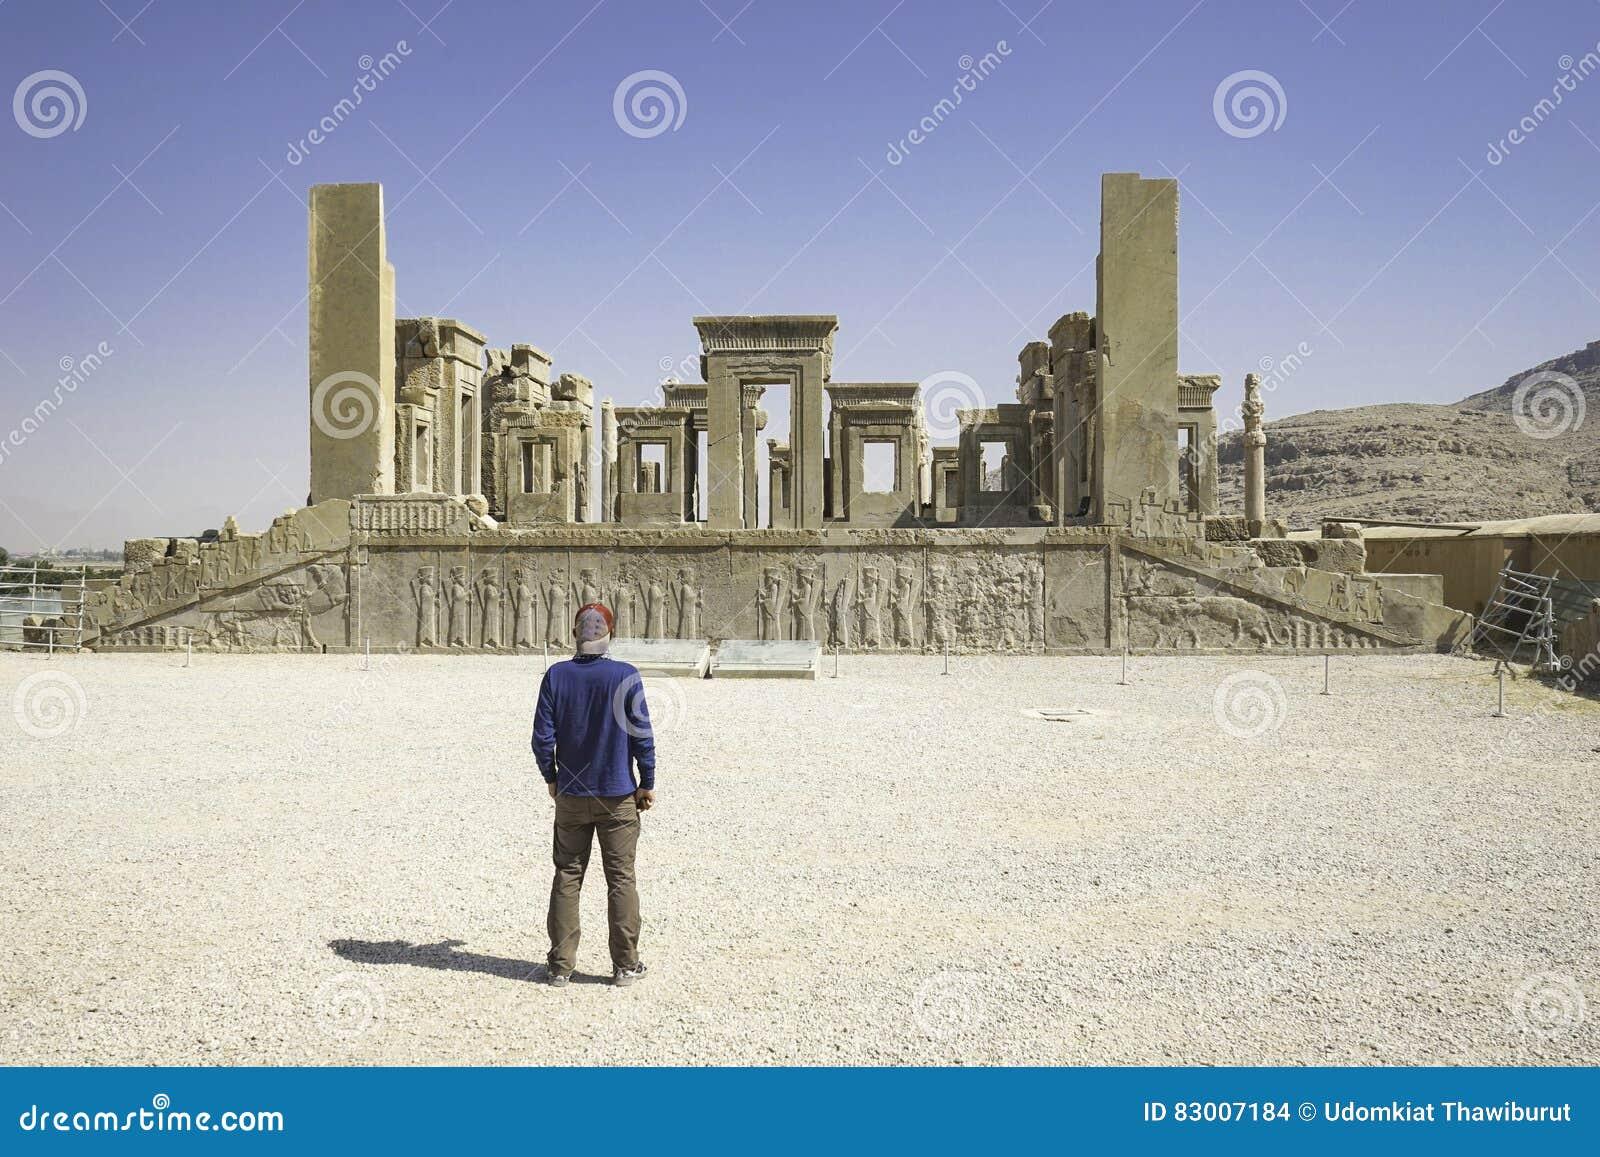 Persepolis en el norte de Shiraz, Irán Ha llevado a su designación como sitio del patrimonio mundial de la UNESCO